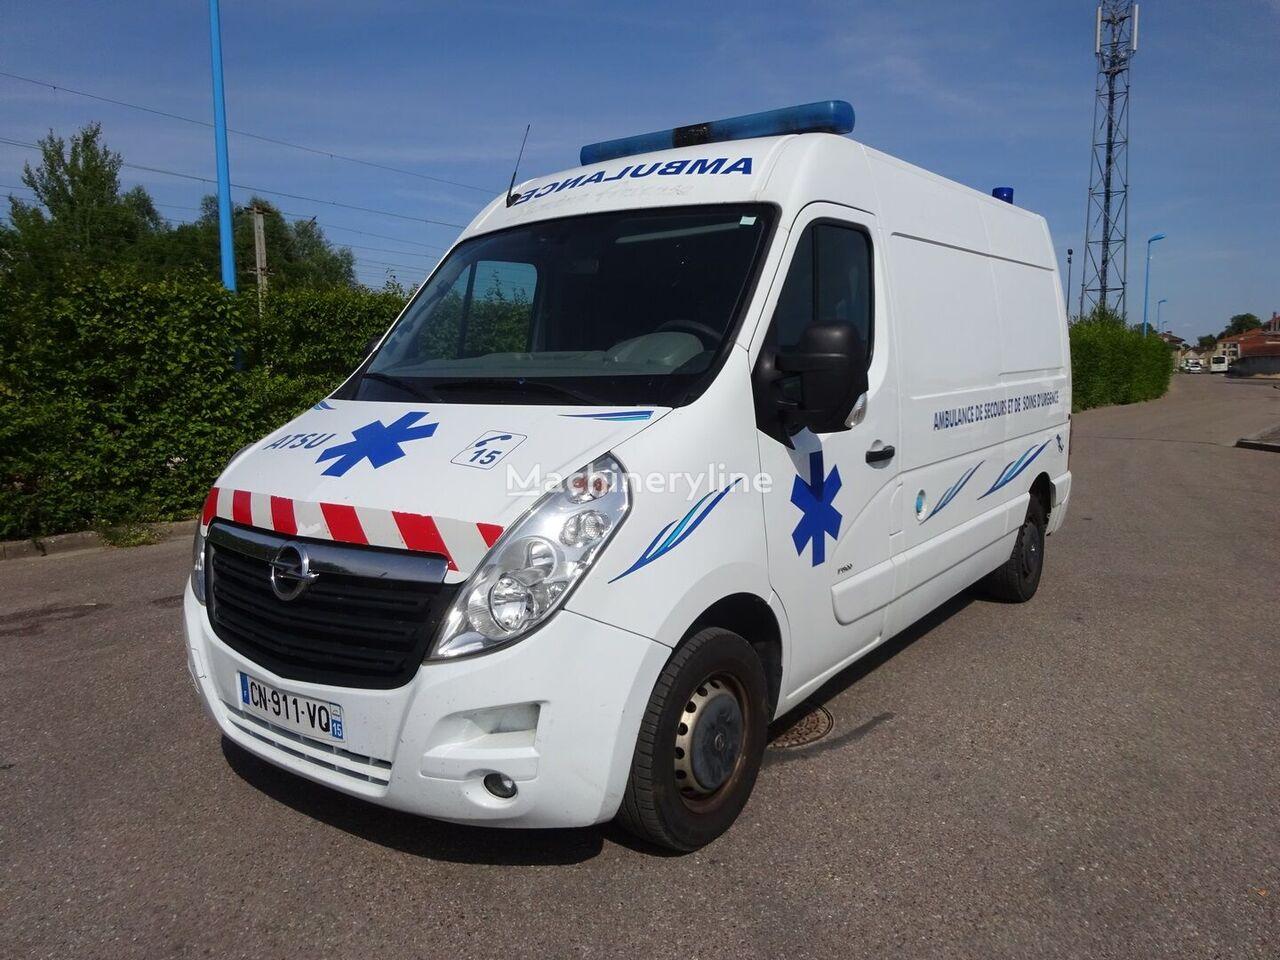 OPEL MOVANO L2H2 2012 vozilo hitne pomoći